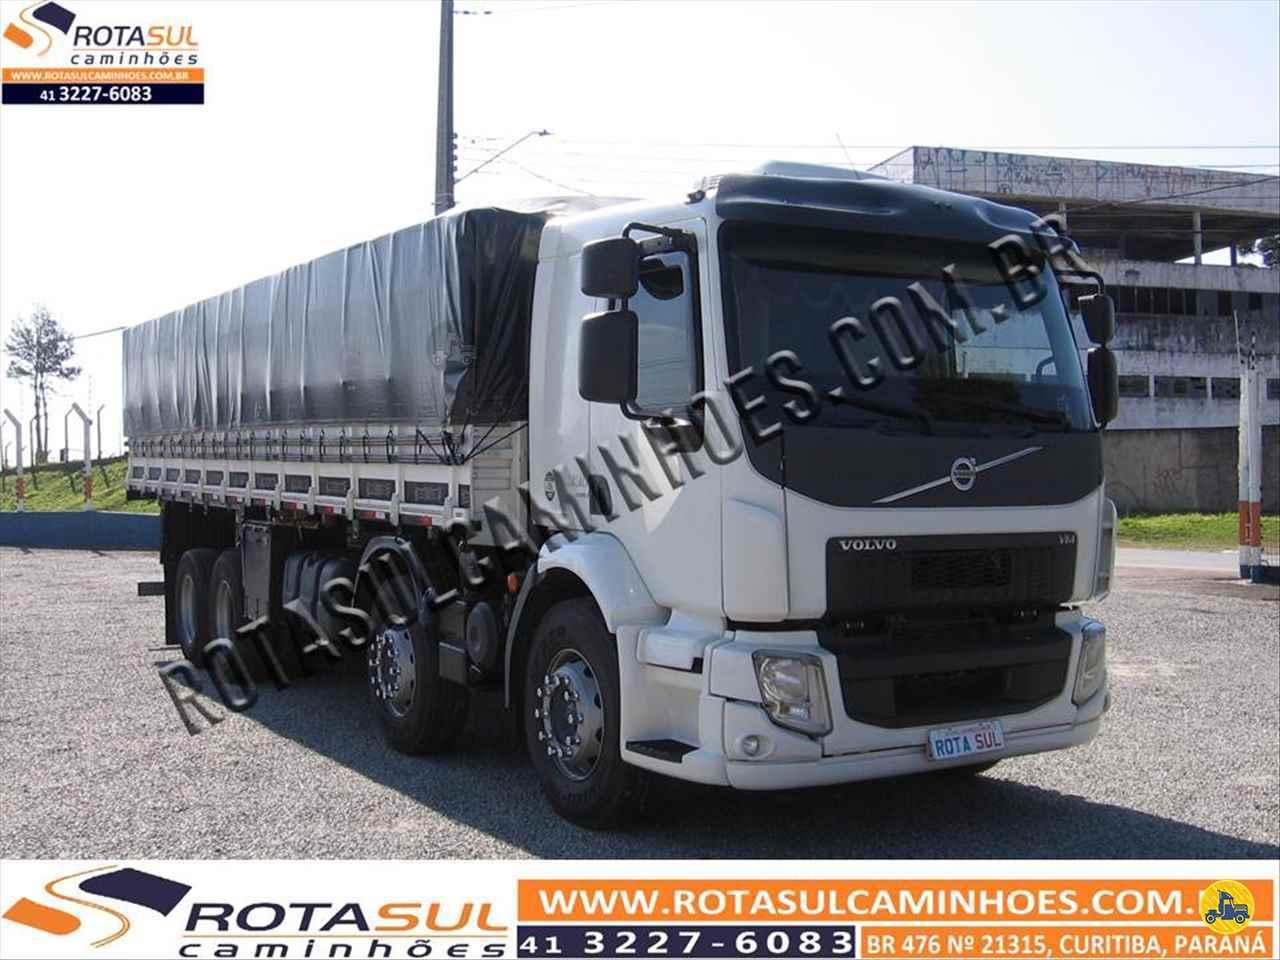 CAMINHAO VOLVO VOLVO VM 330 Graneleiro BiTruck 8x2 Rota Sul Caminhões CURITIBA PARANÁ PR